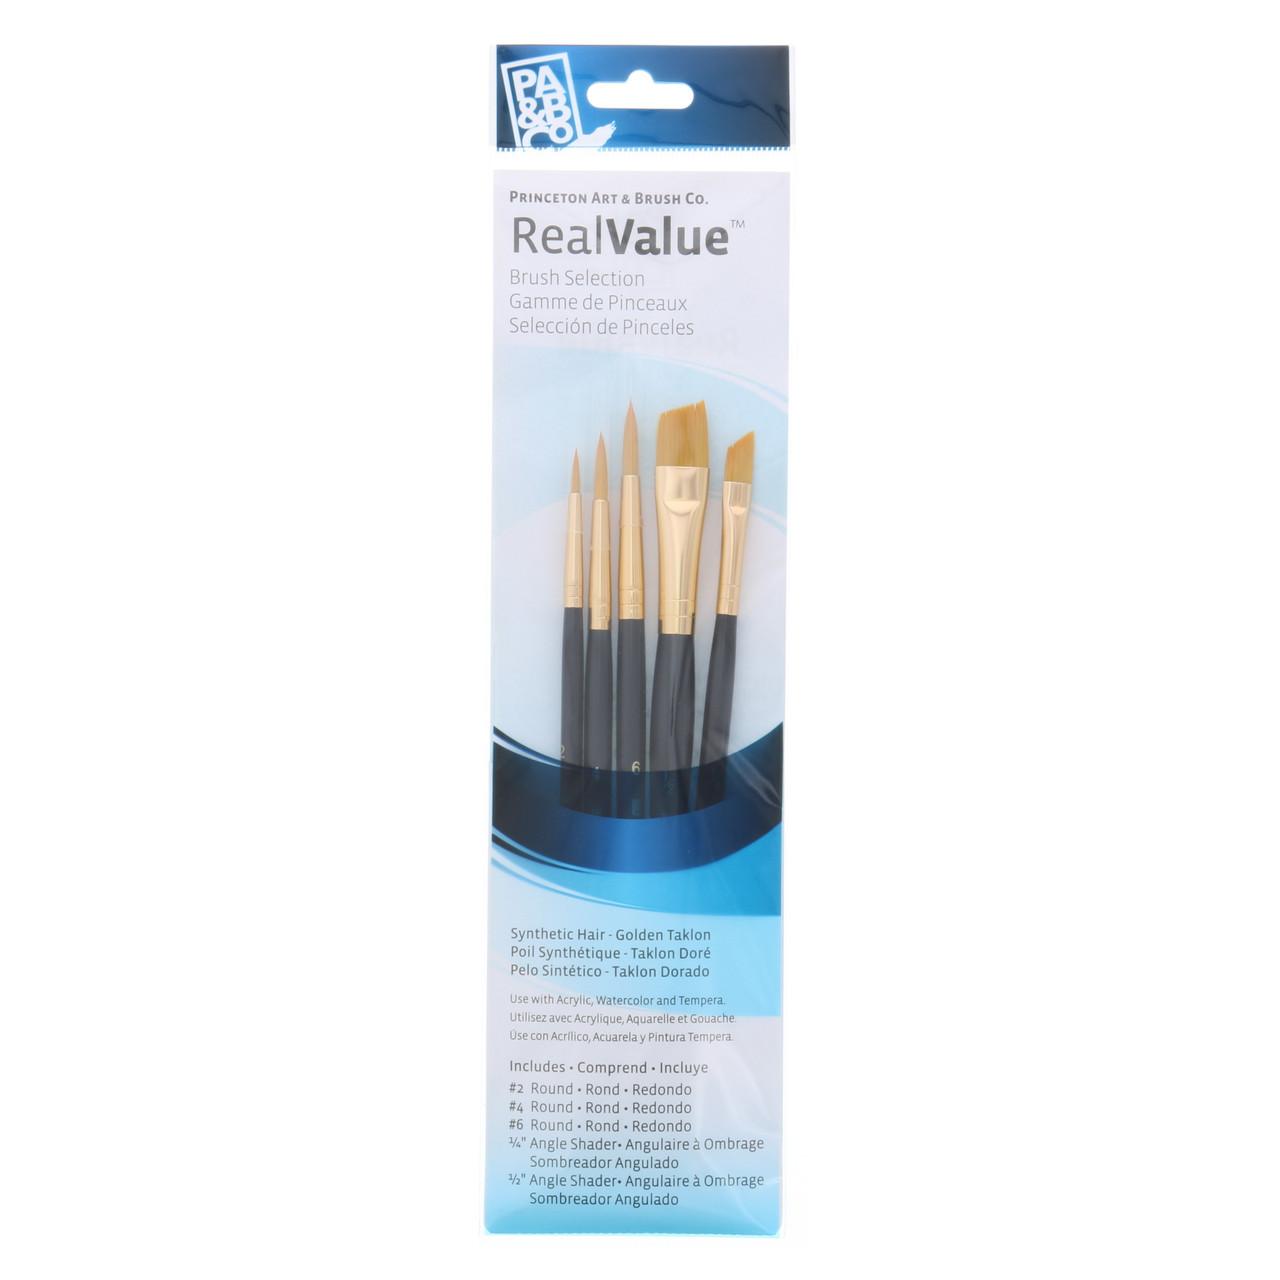 Synthetic Golden Taklon 5-Brush Set Round 2, 4, 6, Angle Shader 1/4, 1/2